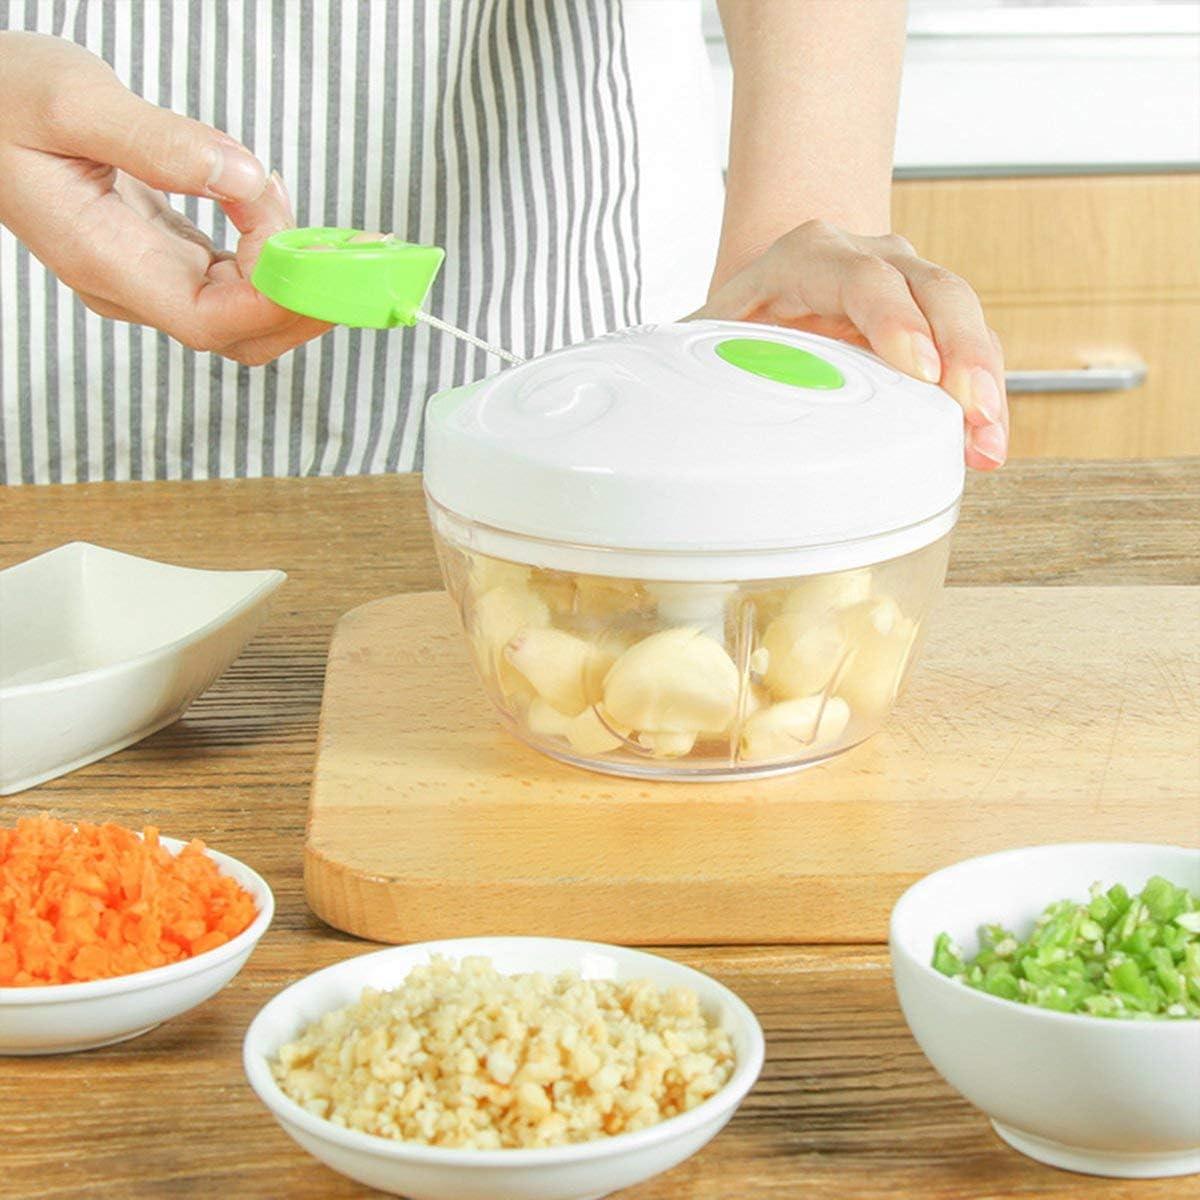 Greatangle Trancheuse /à Viande Manuelle Machine Cuisine Outils de Cuisine Robot culinaire Manuel M/élangeur doeufs Fruits L/égumes /Écrou Hachoir /à Viande